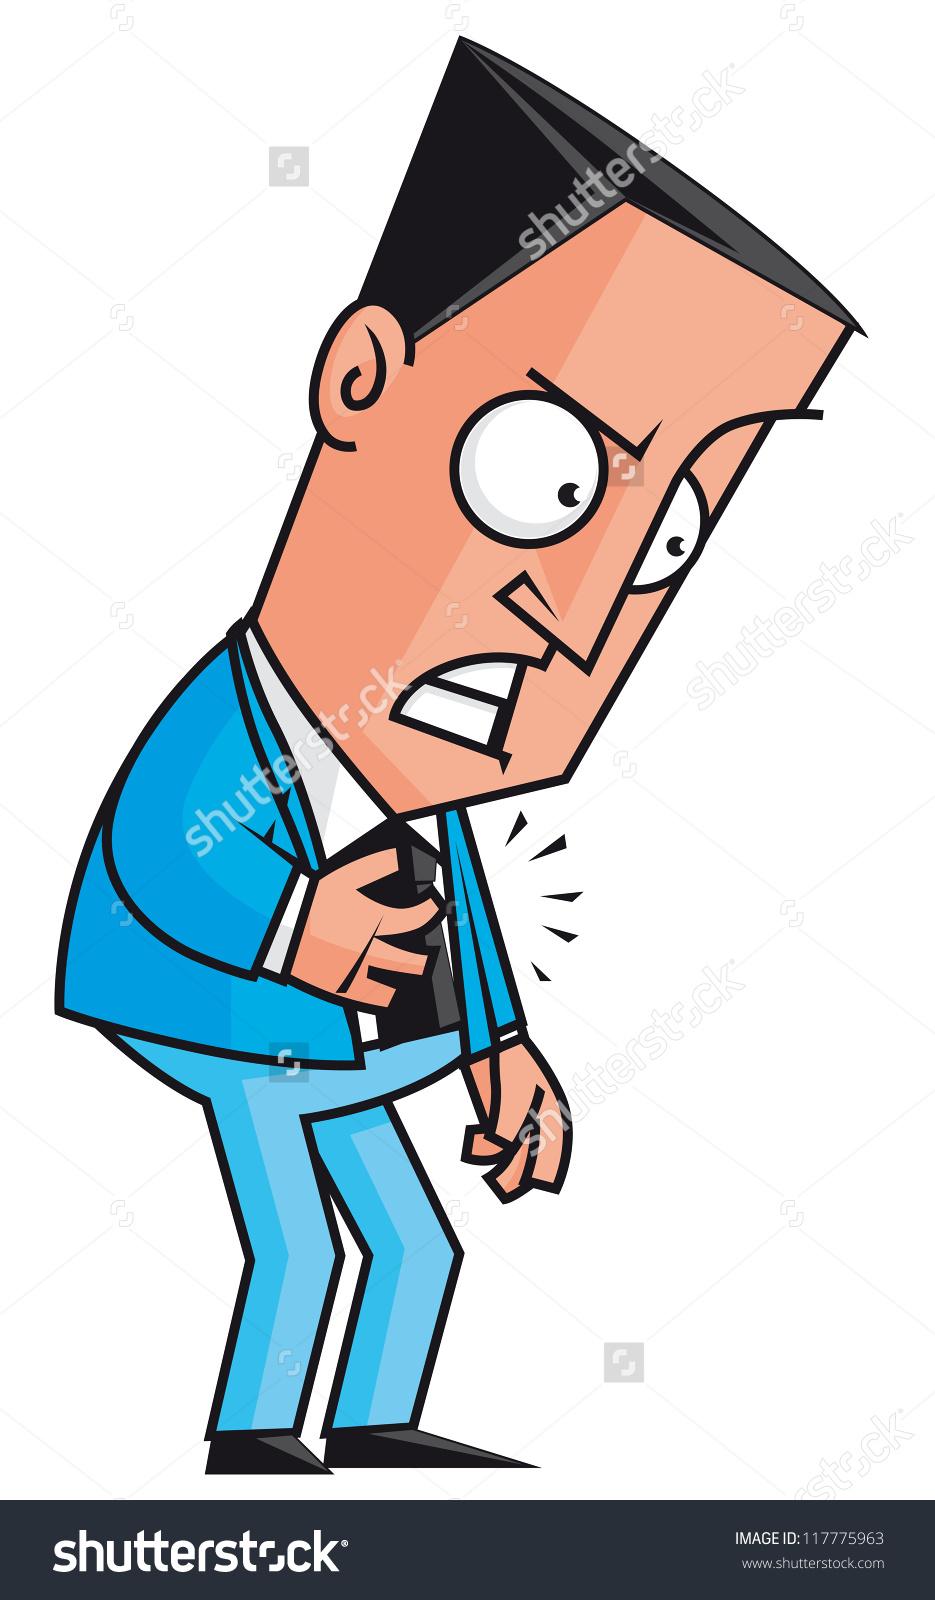 Showing post & media for Cartoon having heart attack.